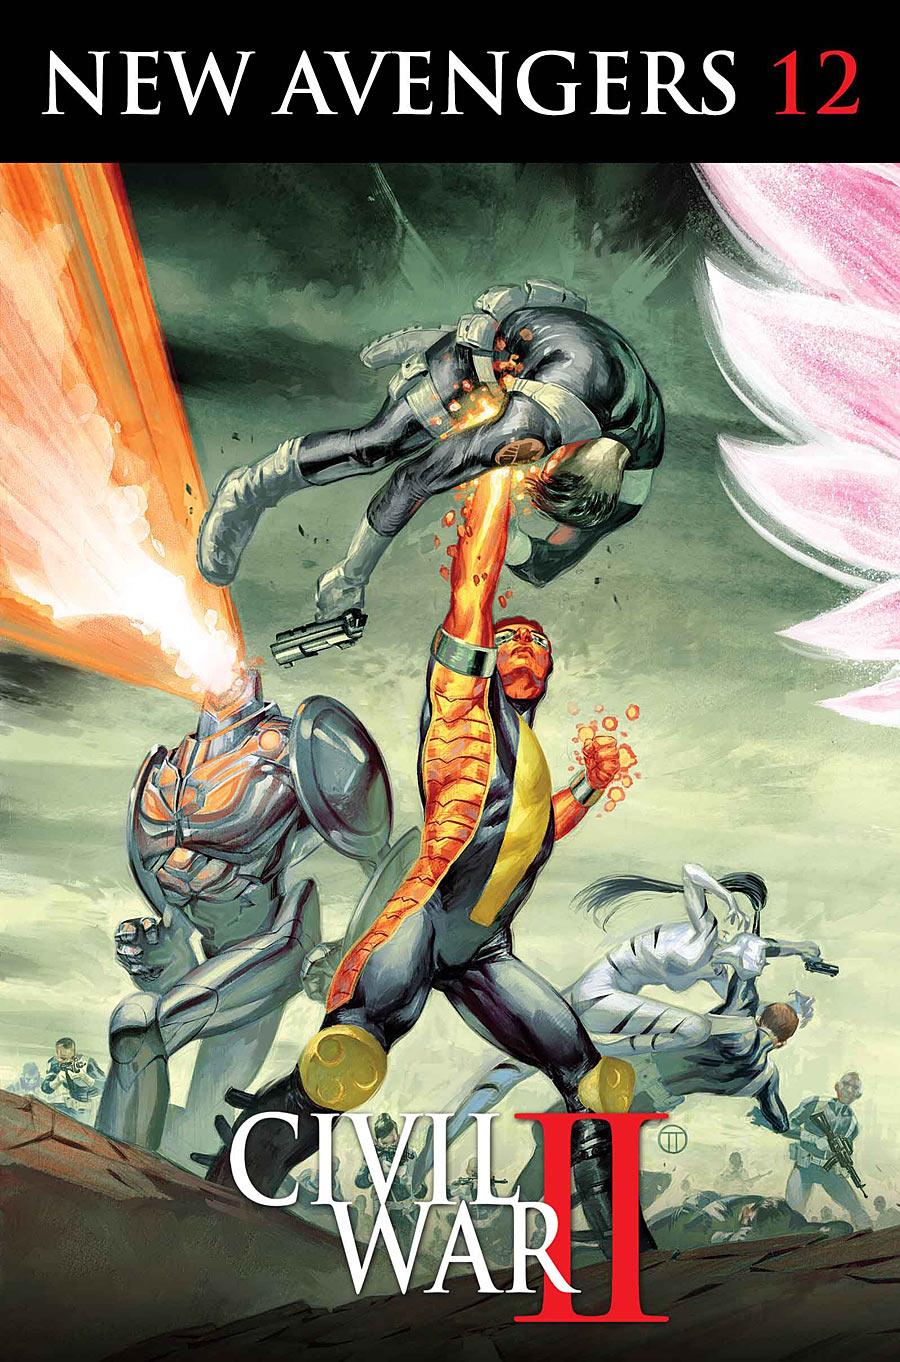 New Avengers 12 Cover Civil War II